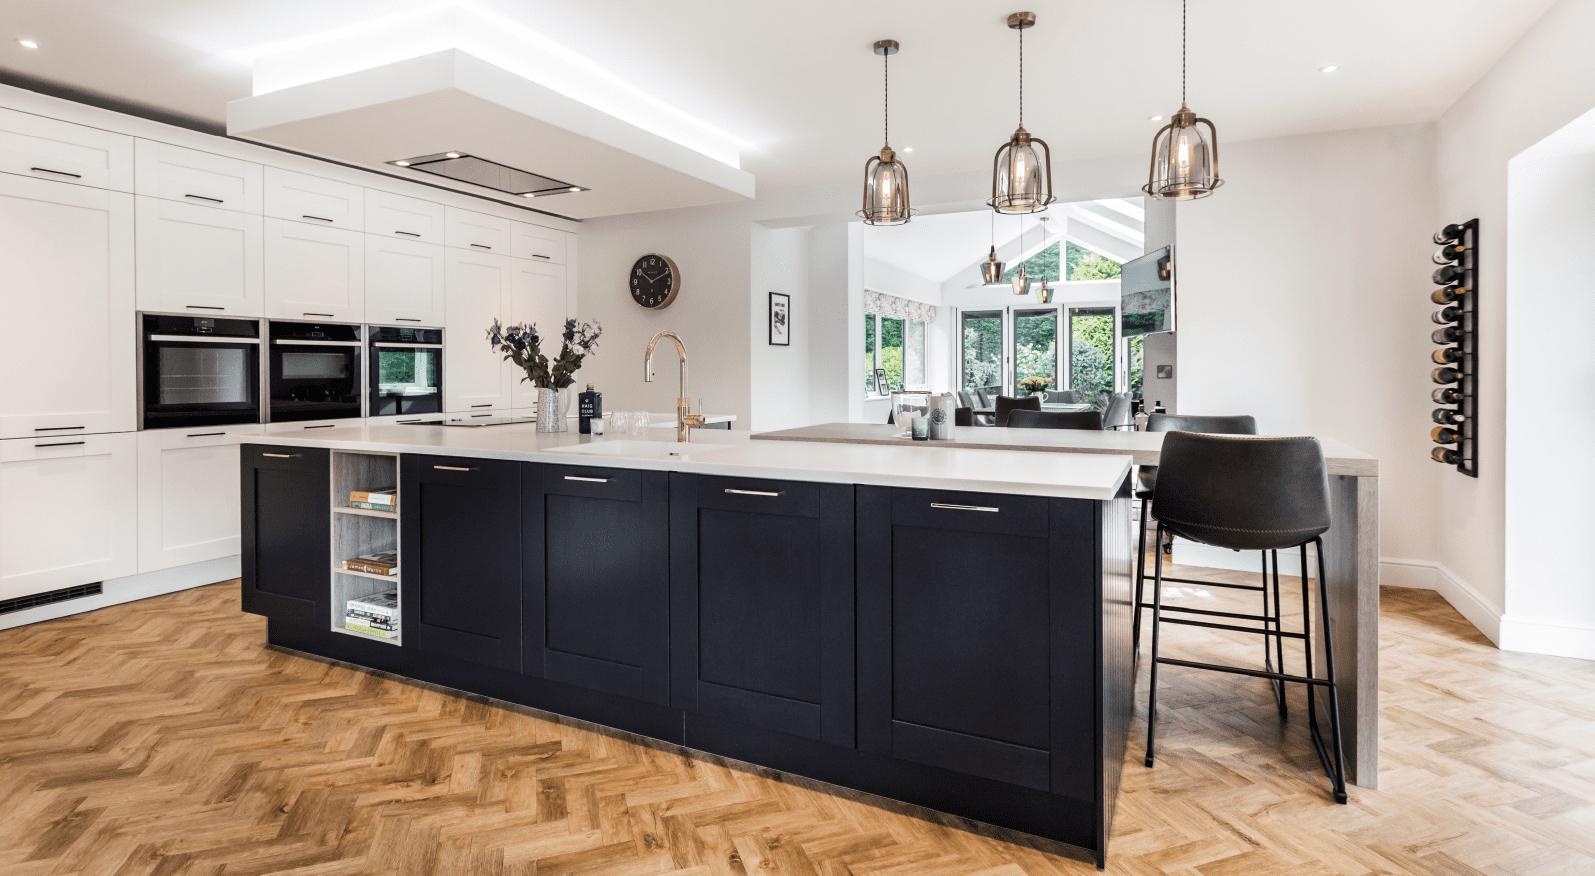 Designer Kitchens | Award Winning | Kitchen Design Centre Within Latest Elworth Kitchen Island (View 23 of 25)